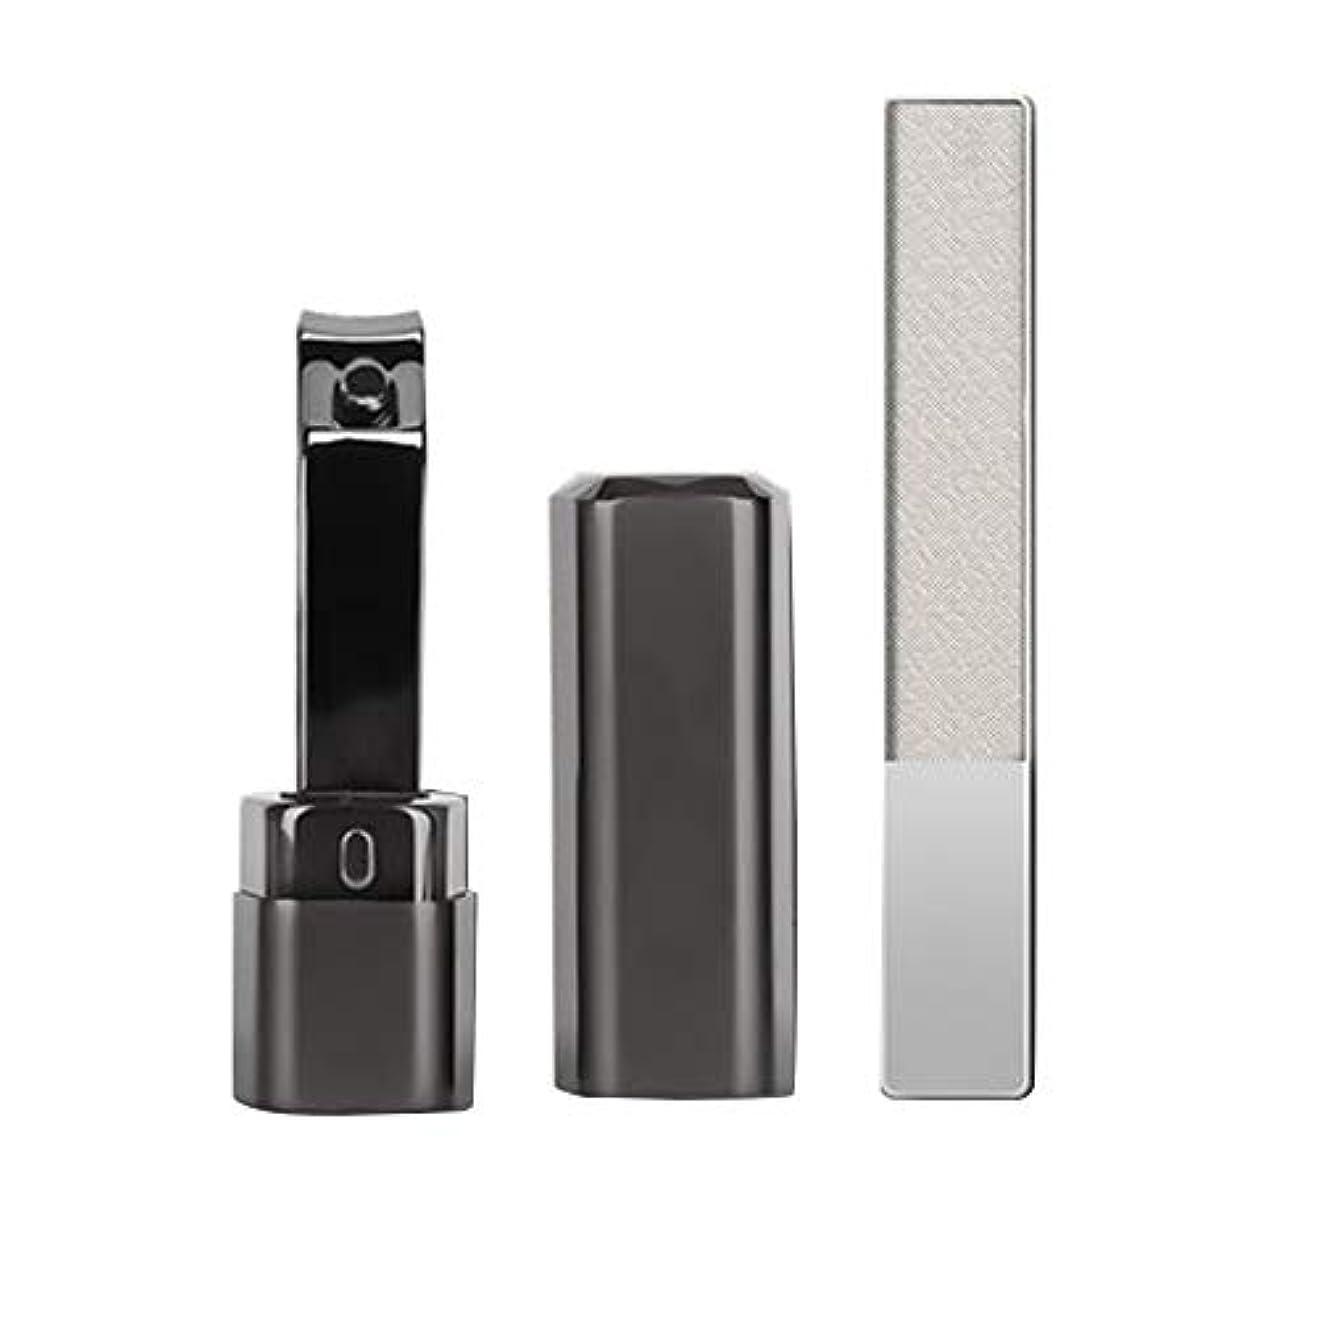 の配列ハーフ電気口紅のような形爪切りセット収納ケース付き 毎日の出張や旅行に適しています、ブラック